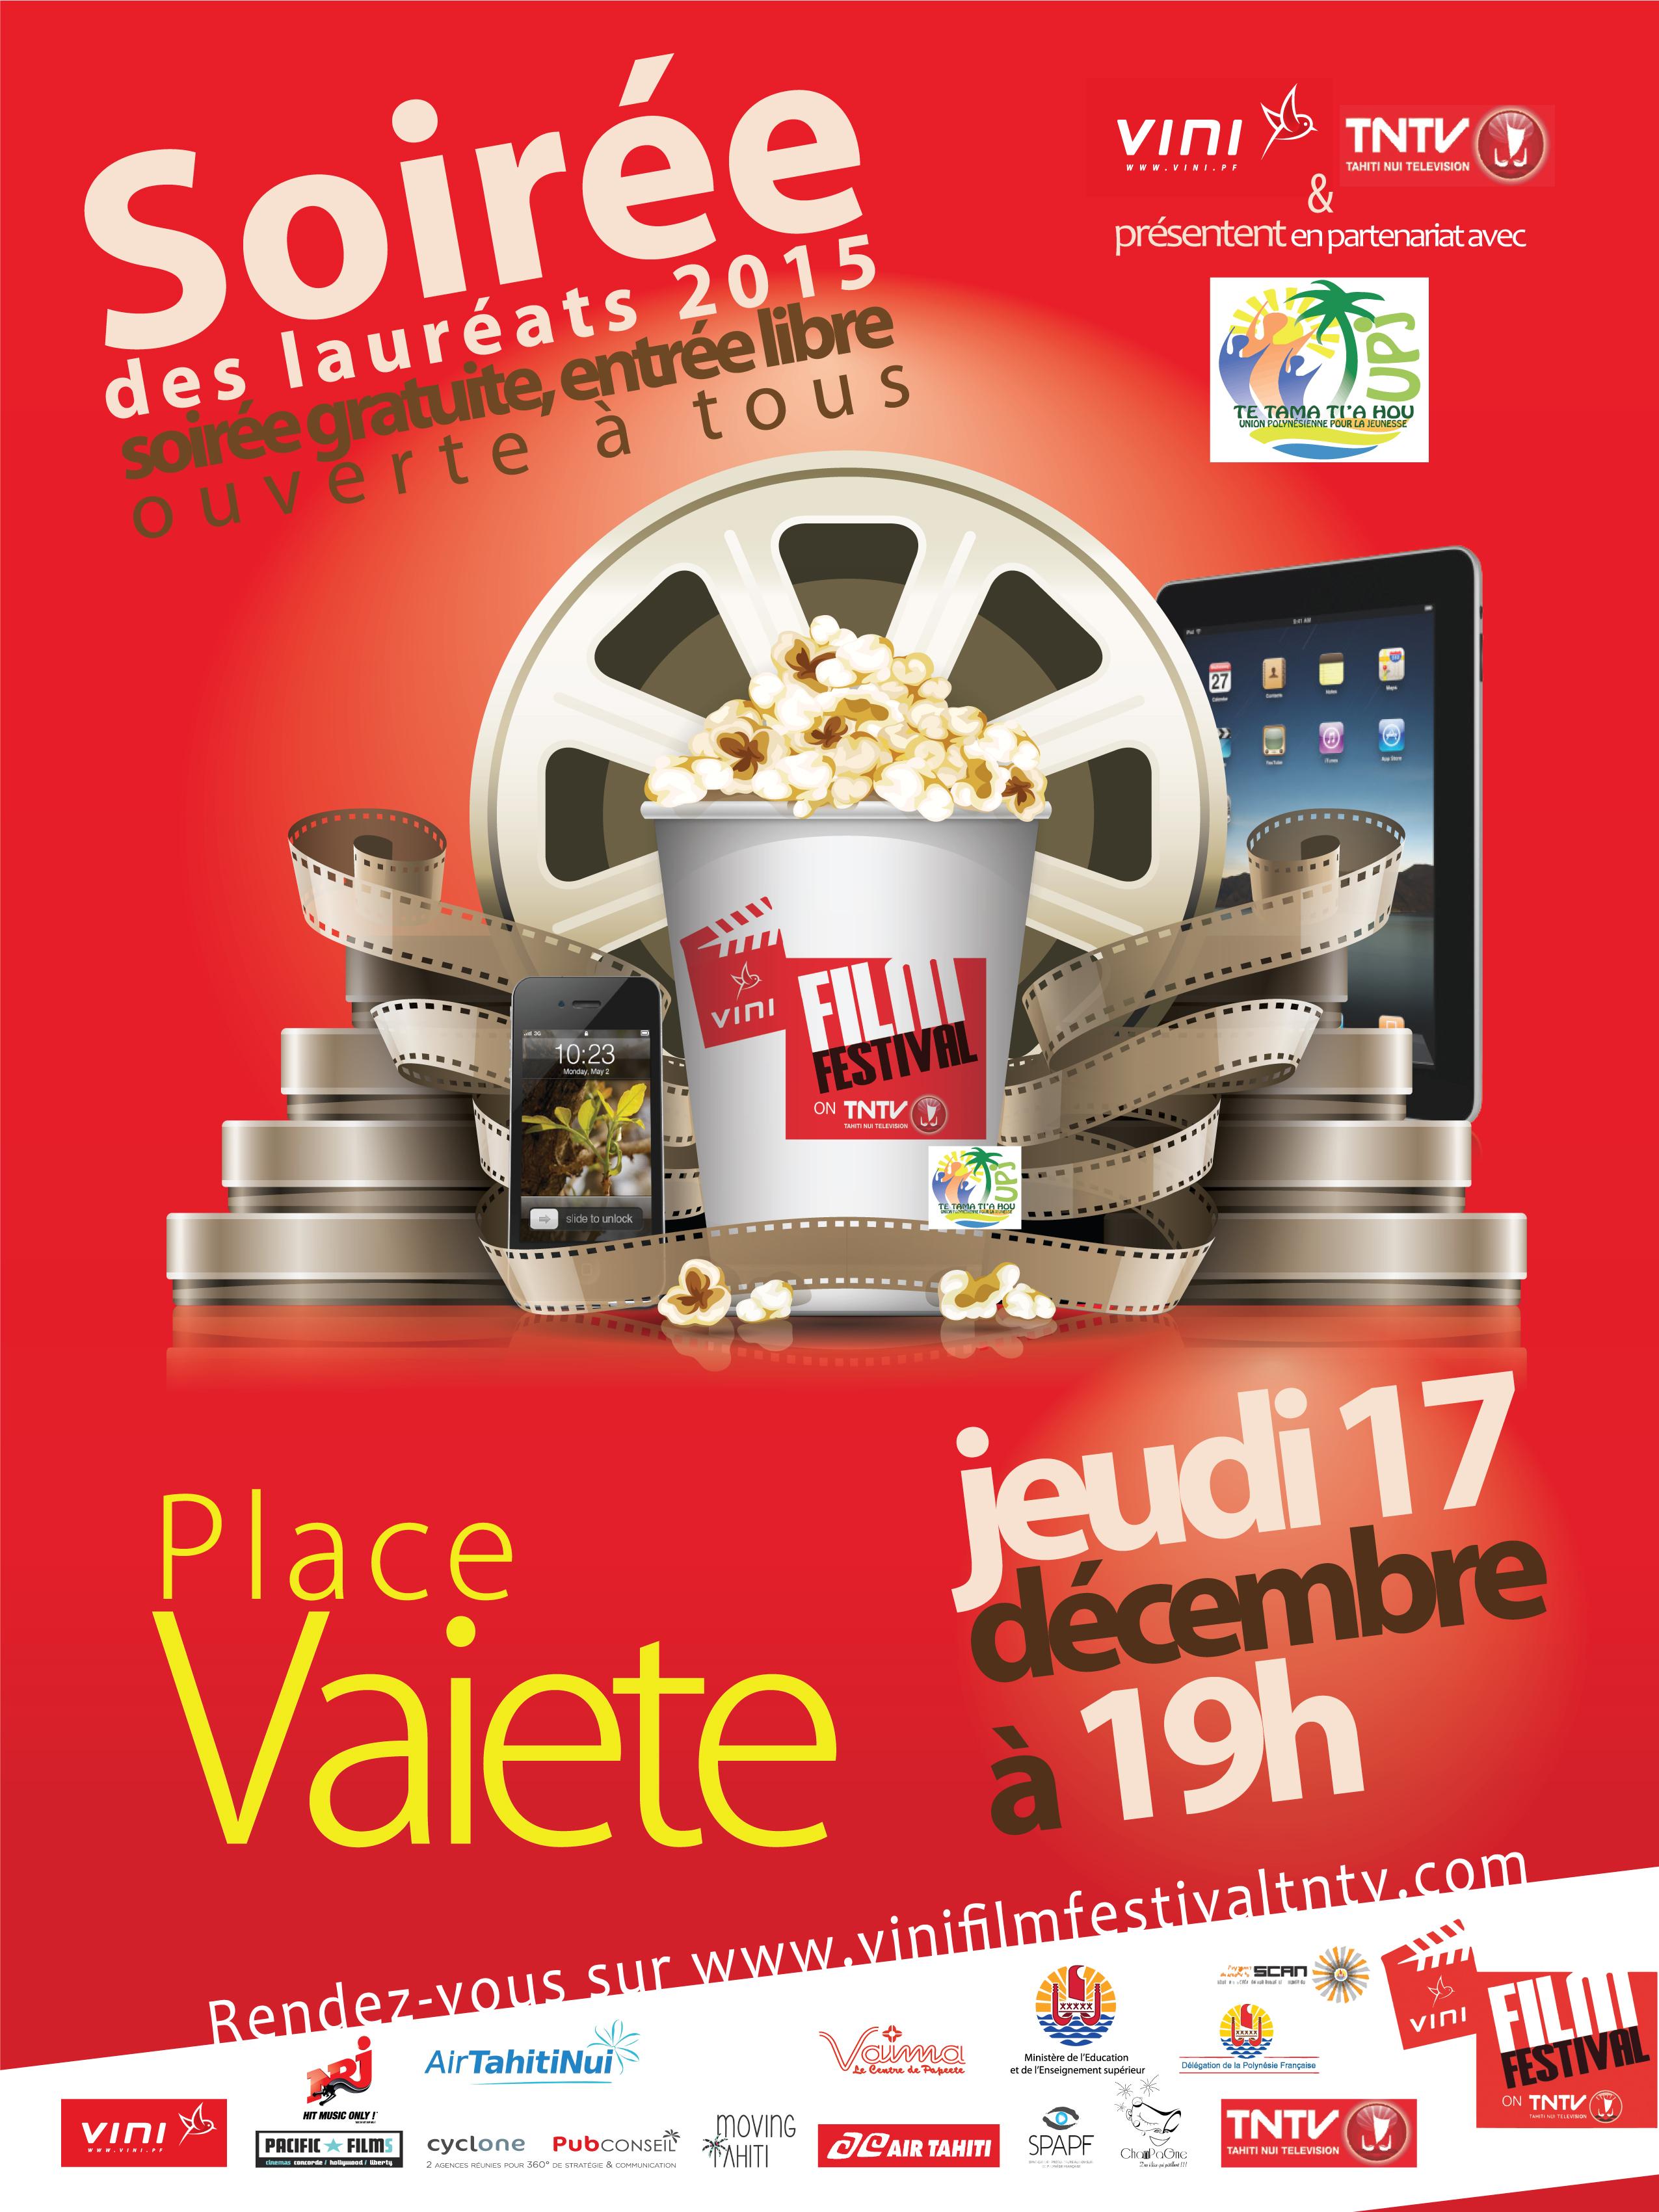 Vini film festival on TNTV : les lauréats révélés demain soir place Vaiete